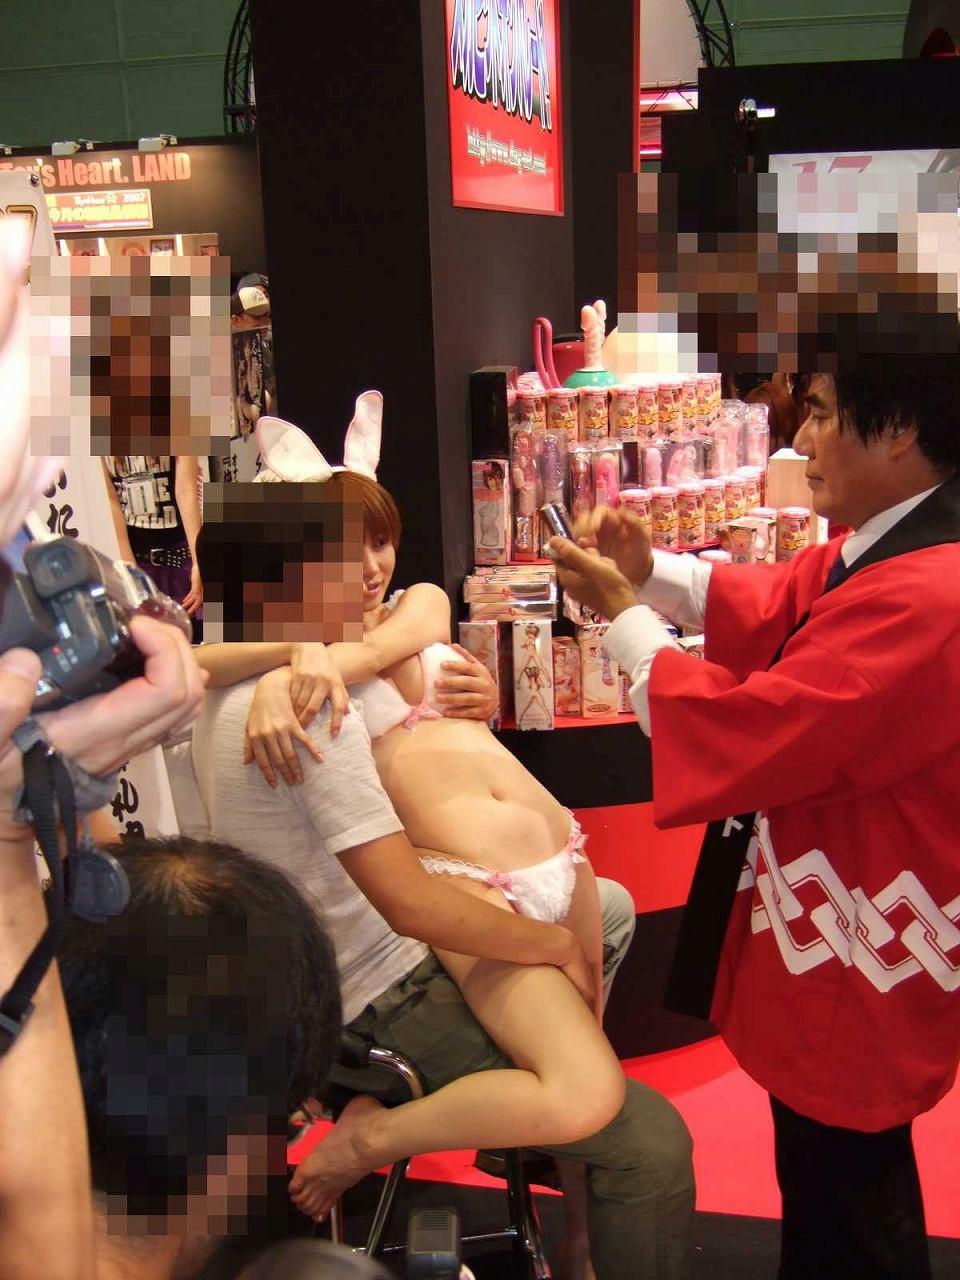 AV女優・里美ゆりあの撮影会で撮影されたファンとの画像